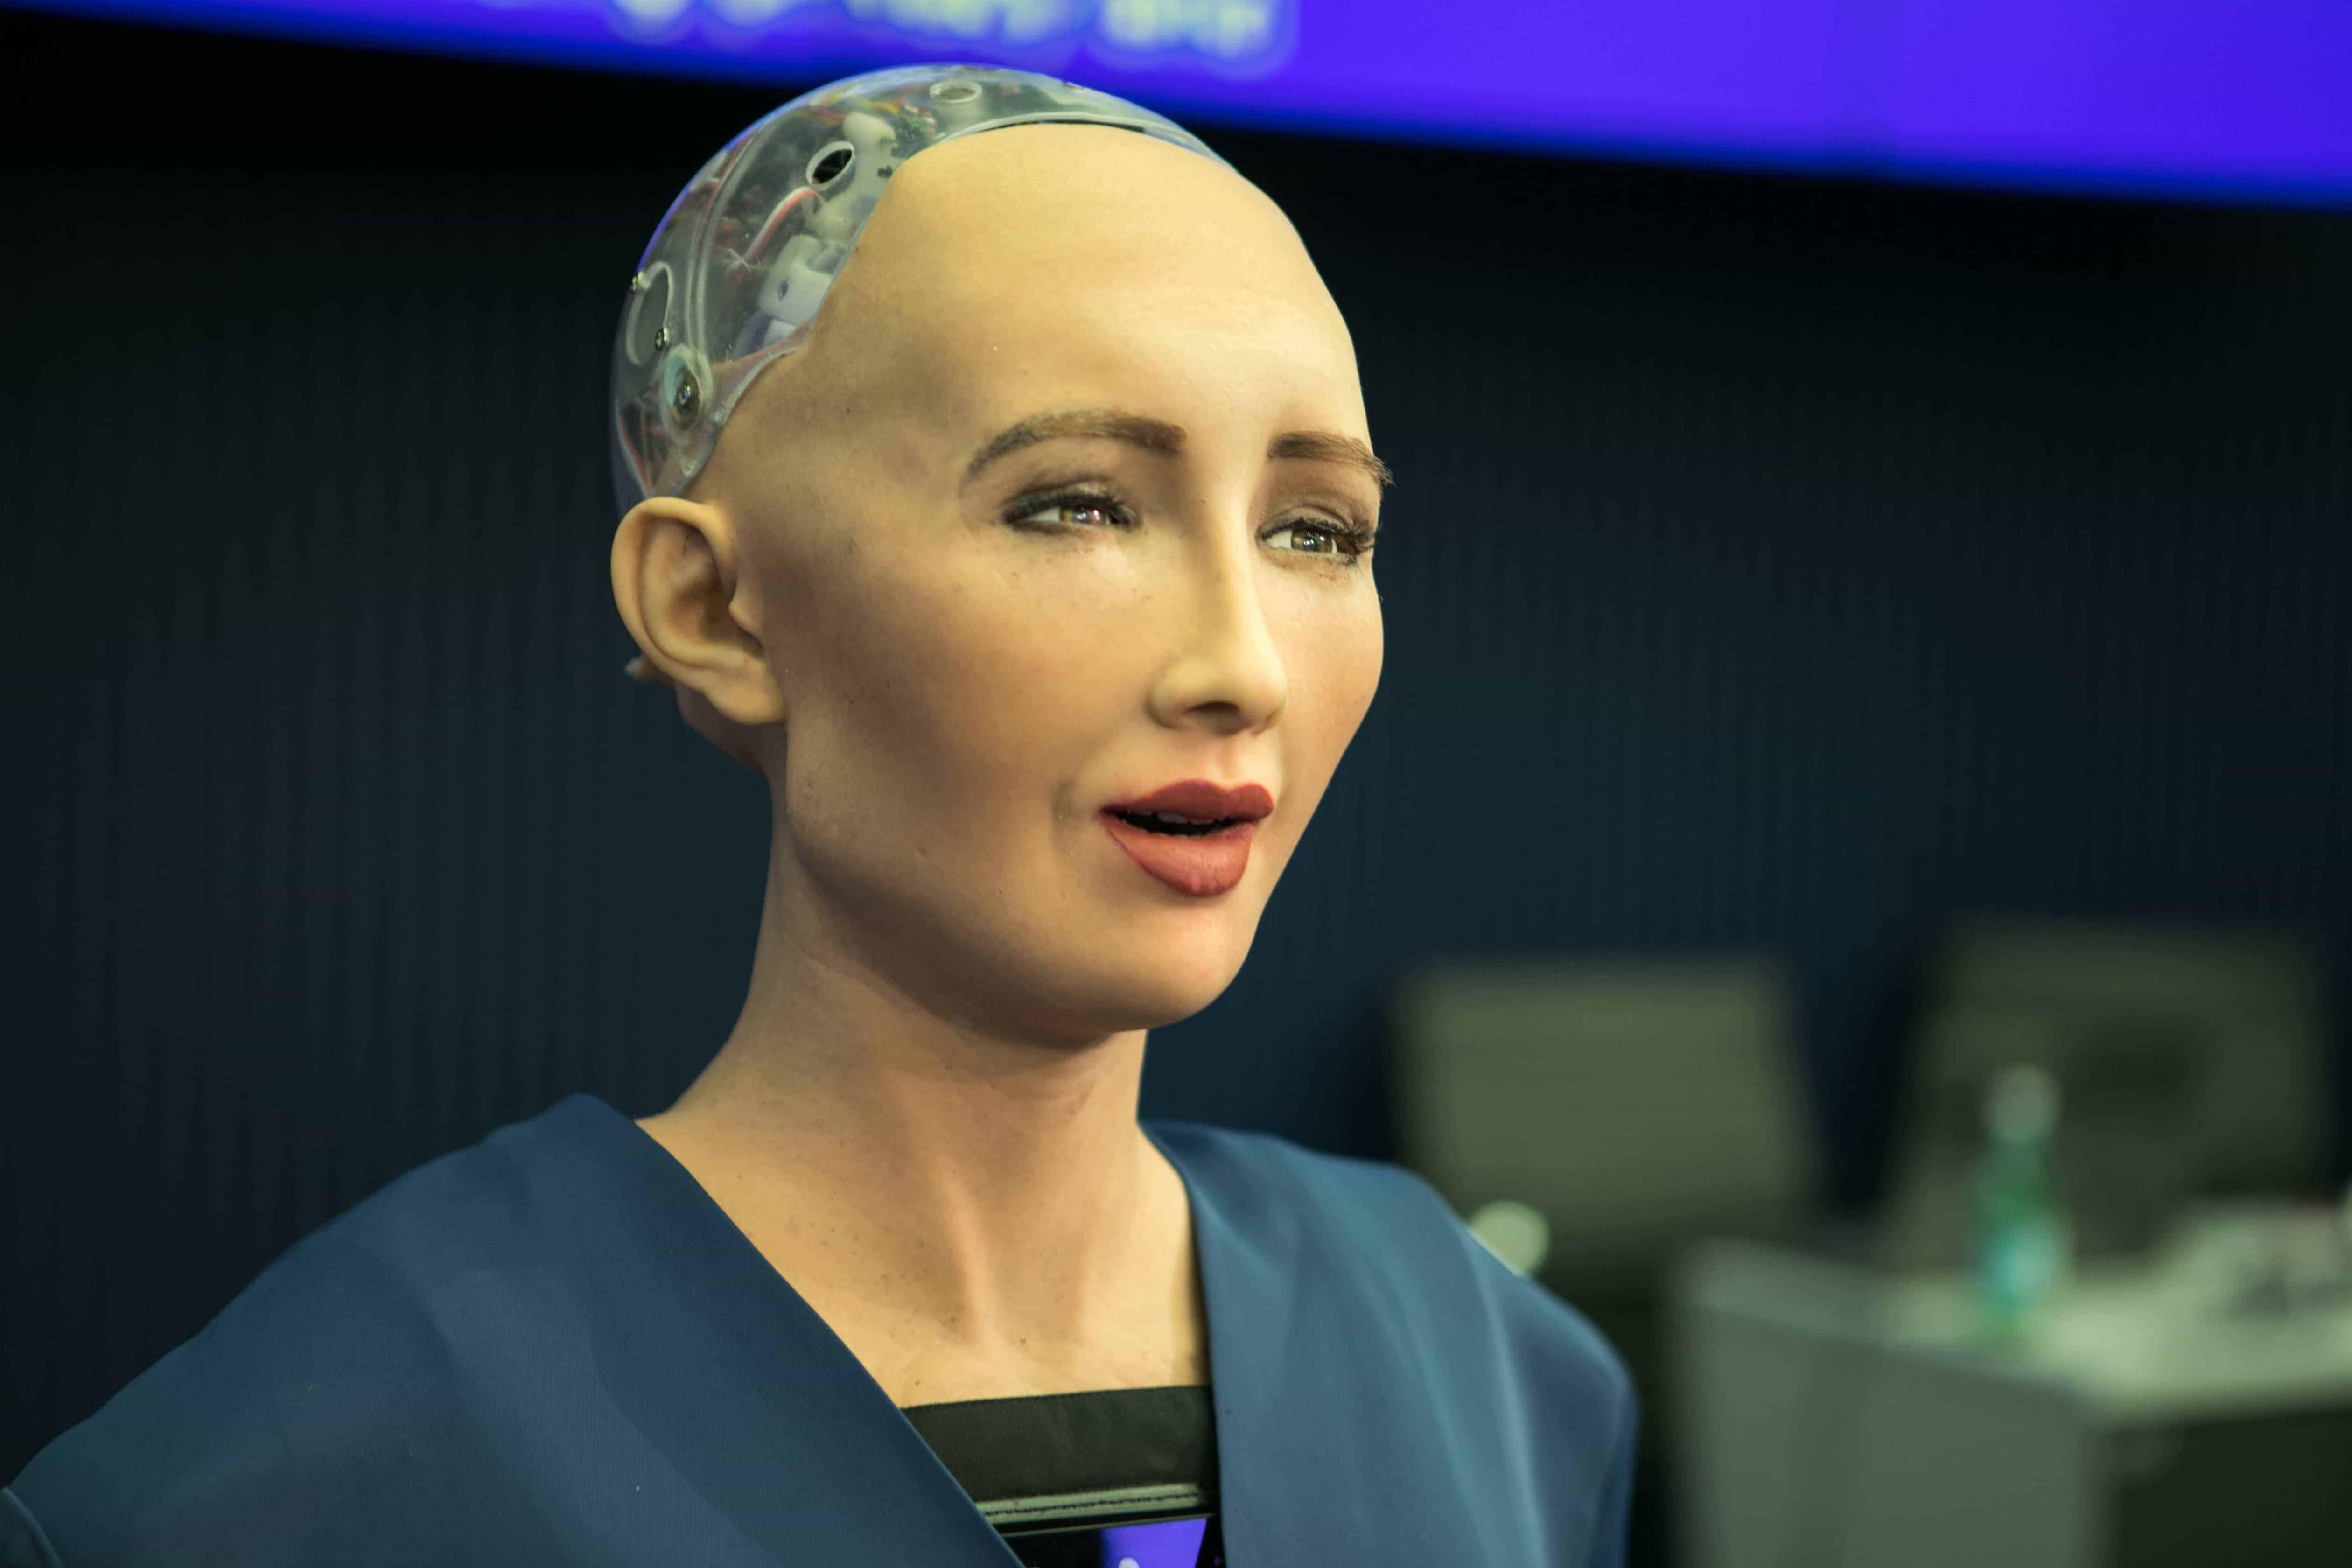 Dünya şöhrətli robot Bakıda çıxış edəcək